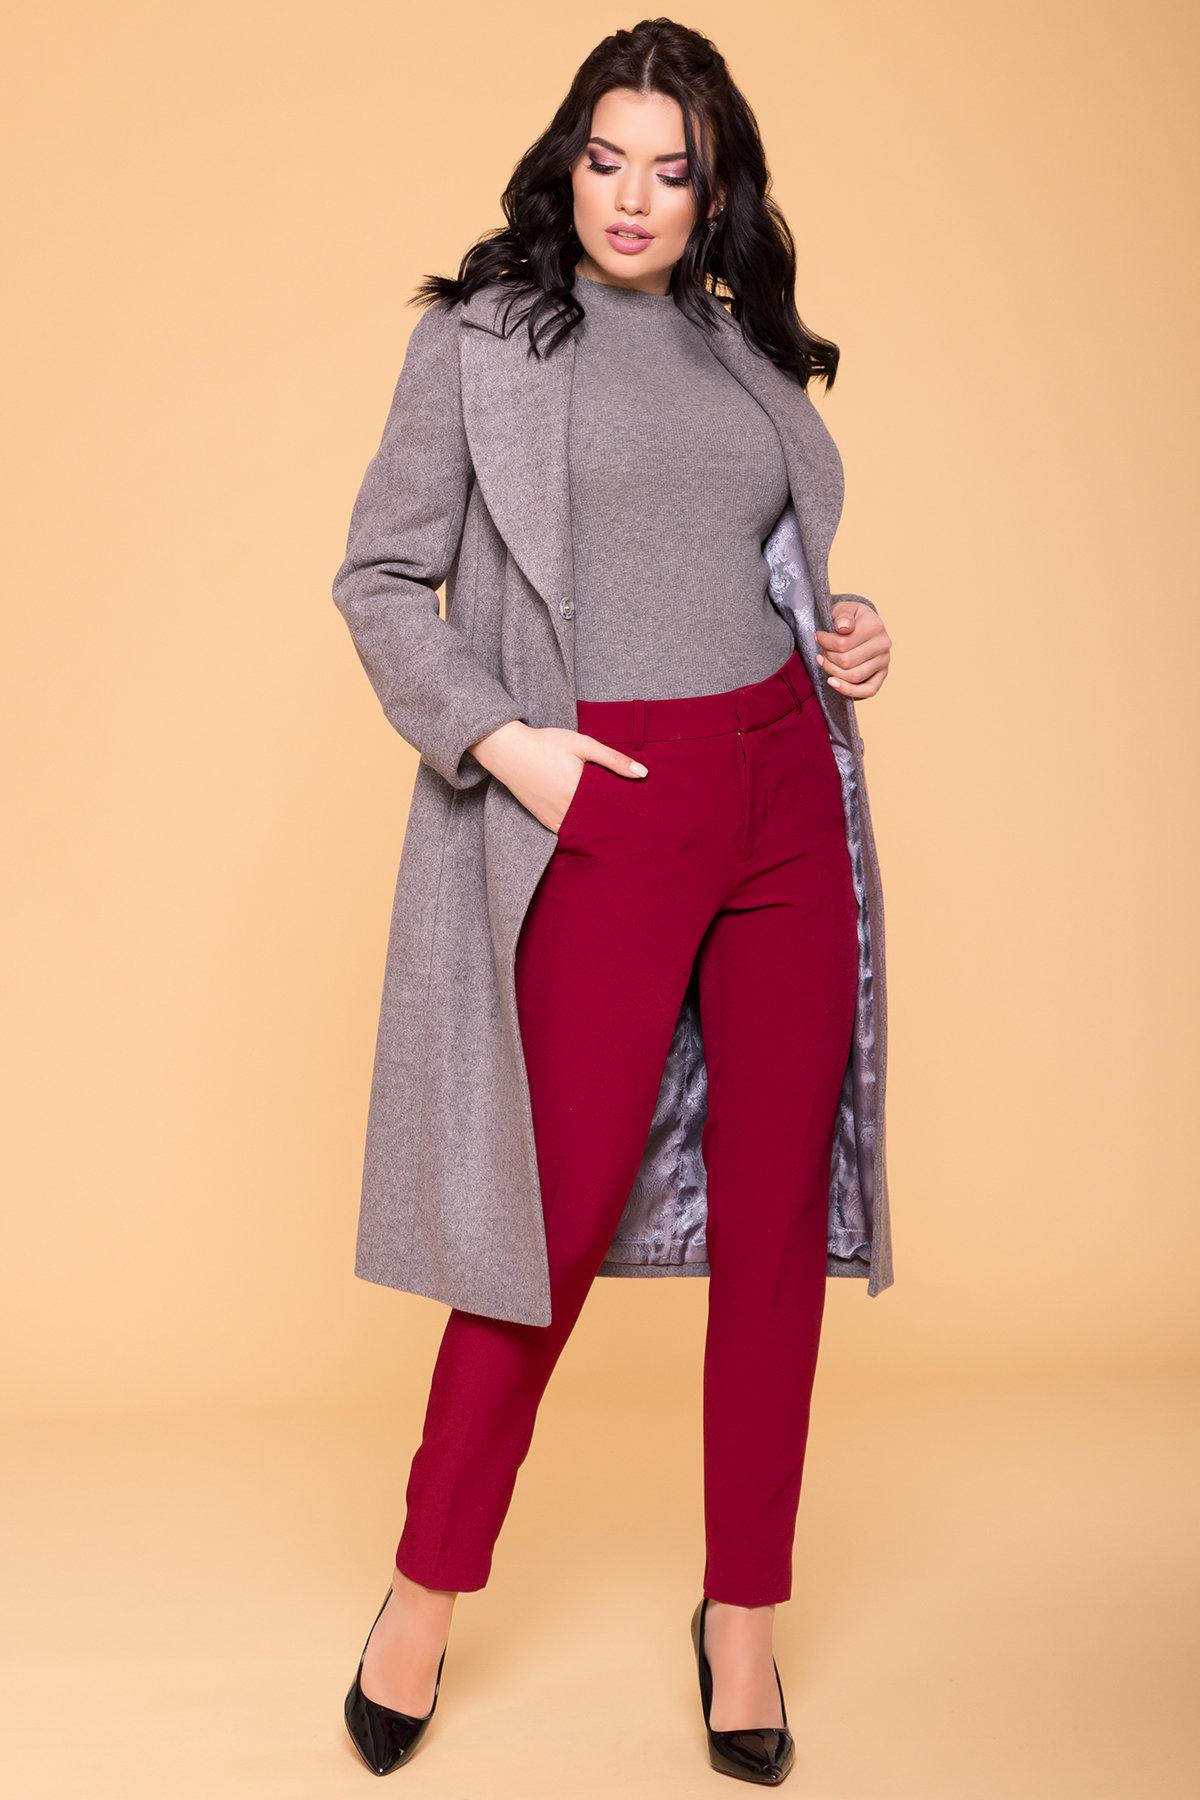 Пальто Верди 6205 АРТ. 41156 Цвет: Карамель 20/1 - фото 3, интернет магазин tm-modus.ru